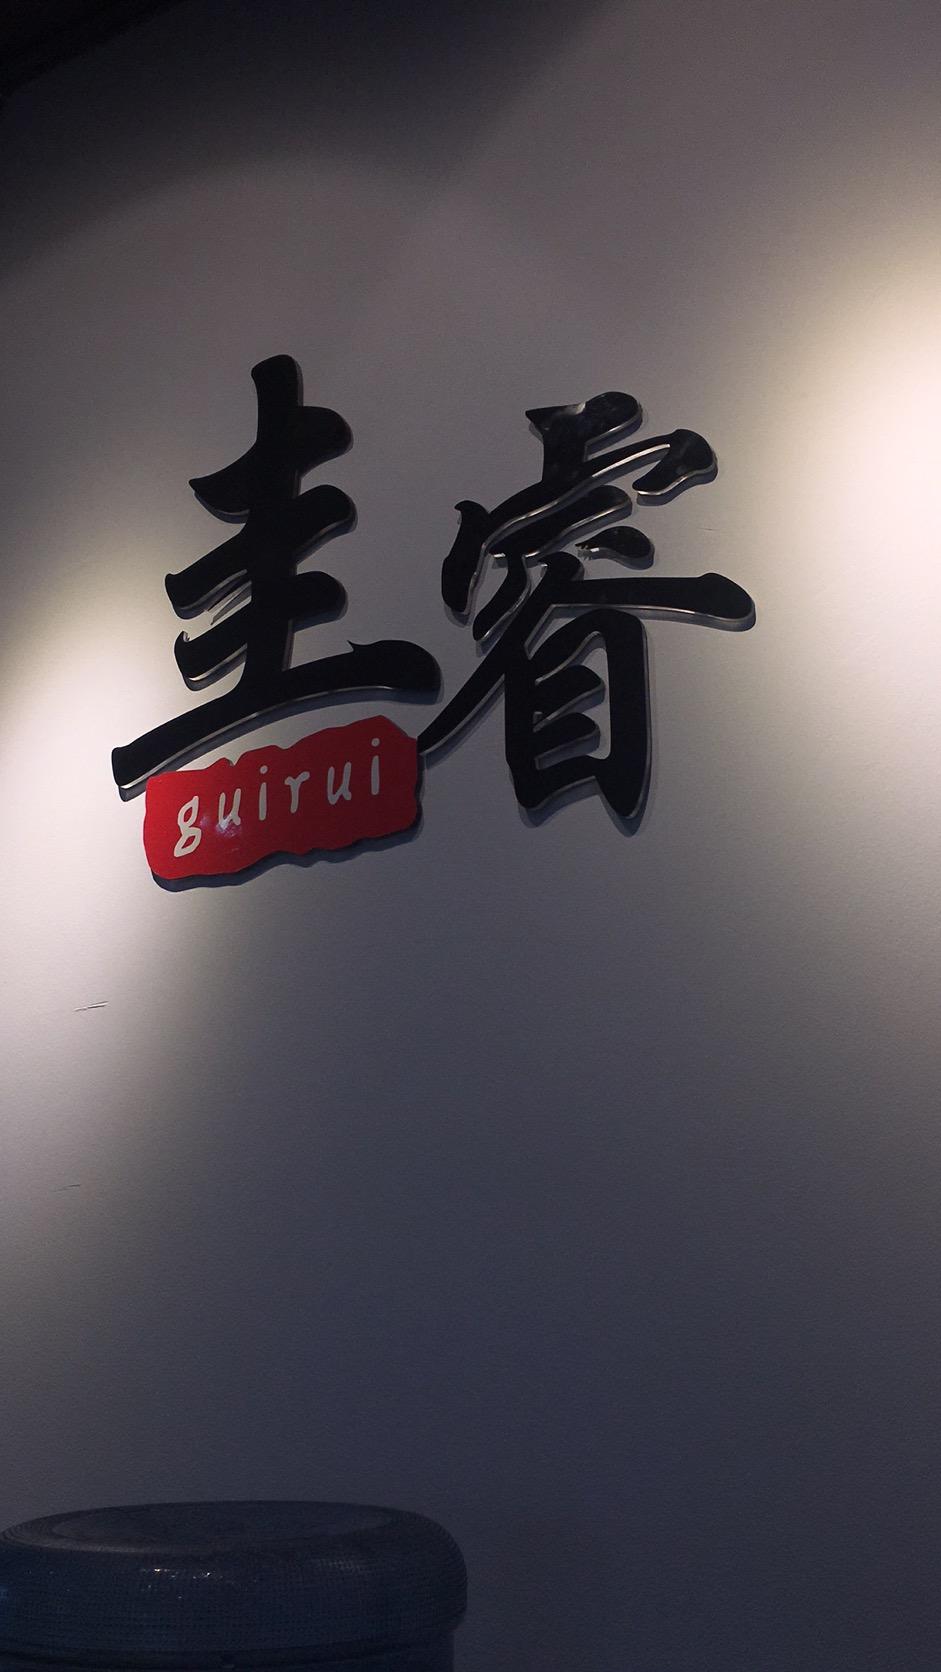 重庆圭睿企业管理咨询服务有限公司